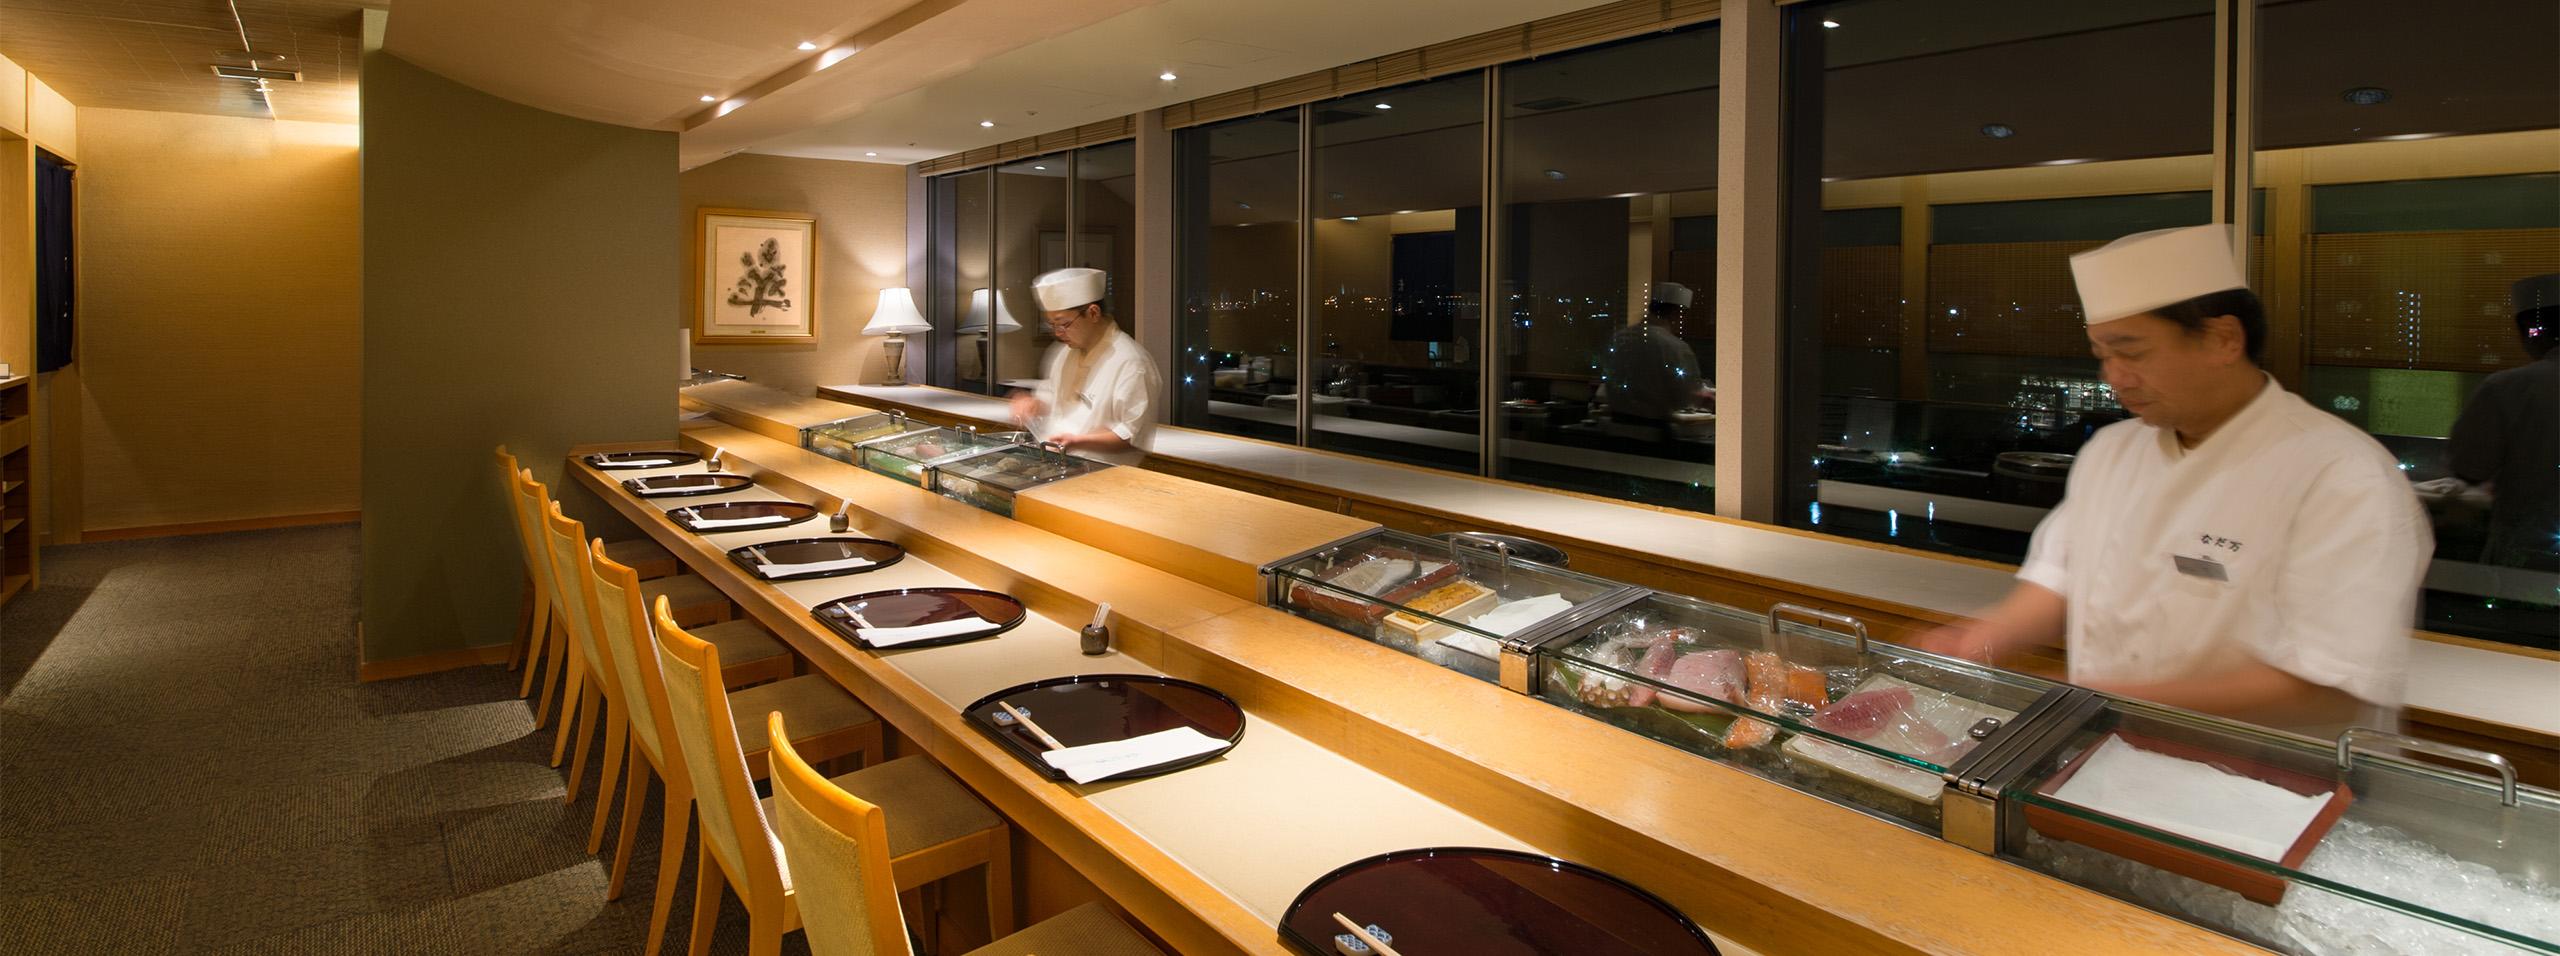 日本料理 なだ万雅殿